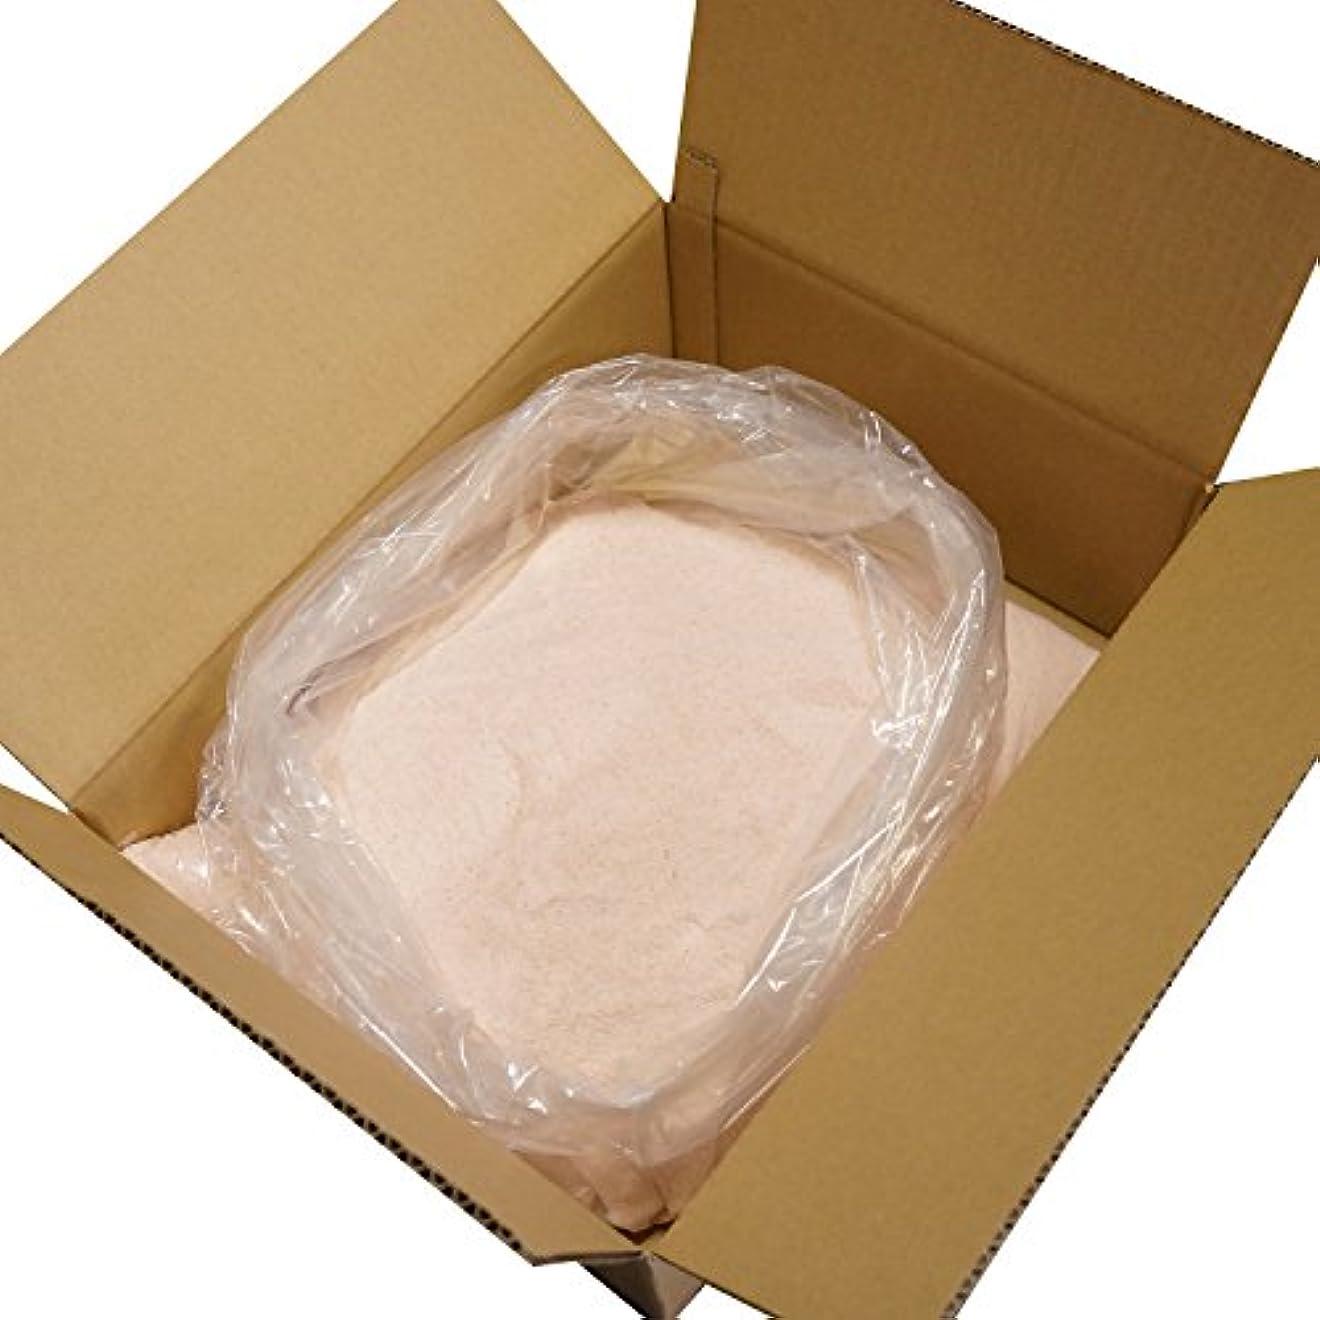 バルーン進化あなたが良くなりますヒマラヤ 岩塩 ピンク パウダー 細粒タイプ 業務用 原料 (5kg)